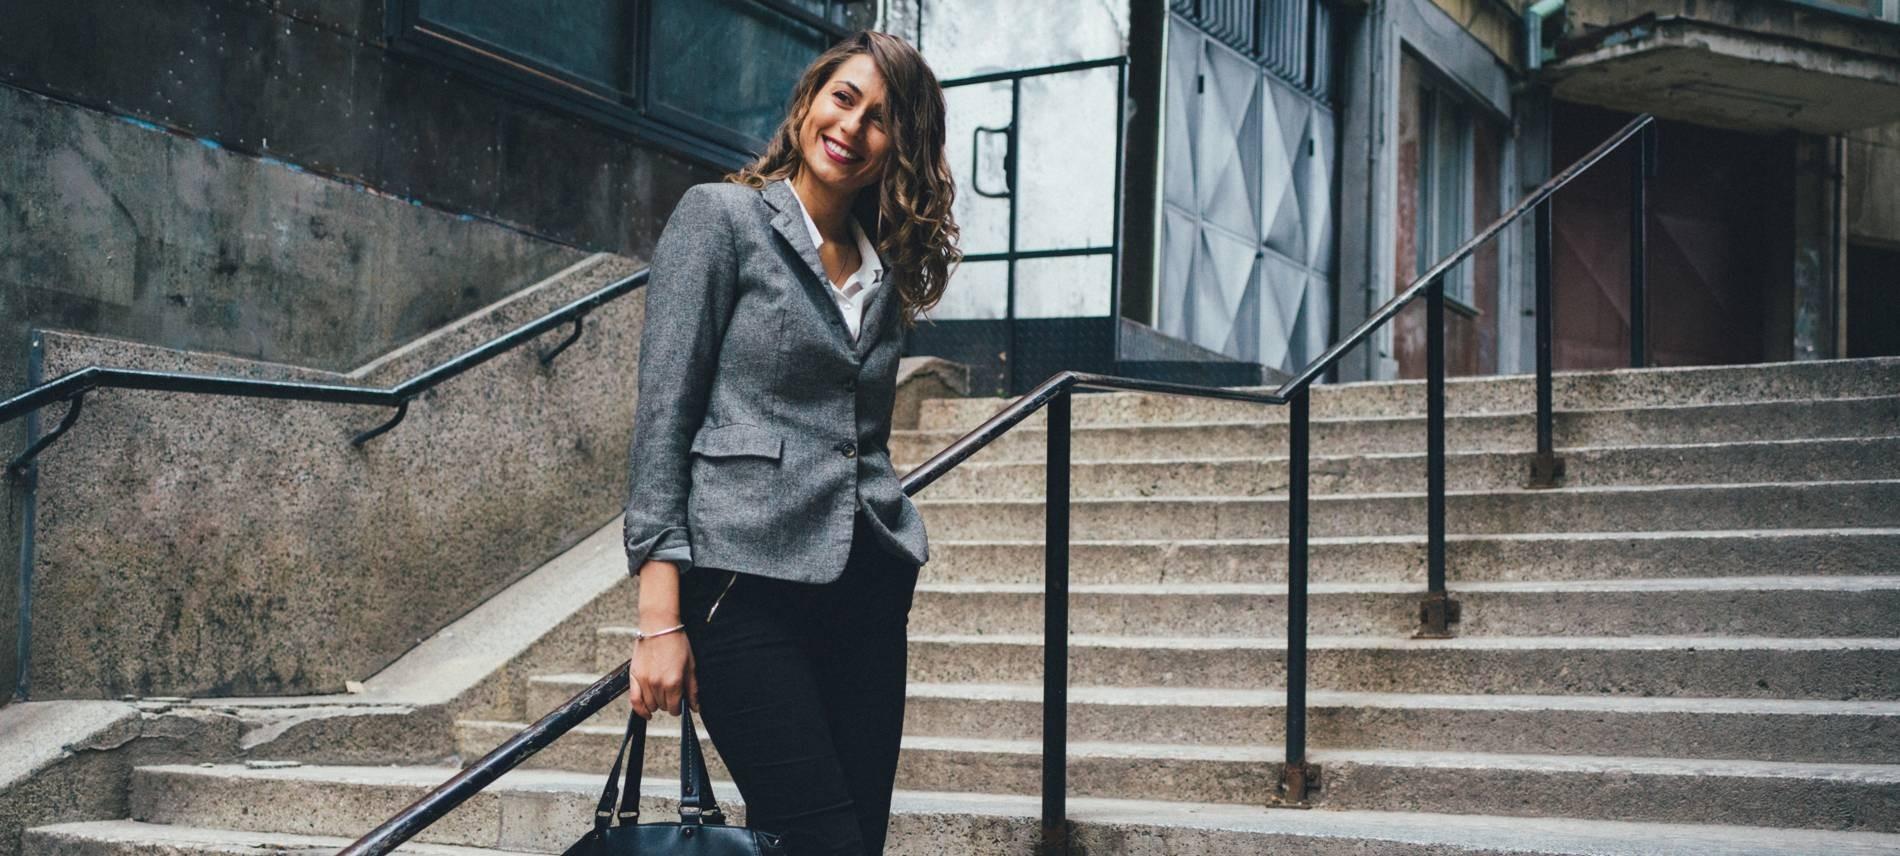 Combina nuestros complementos especiales de mujer con tu vestuario - Cord-On